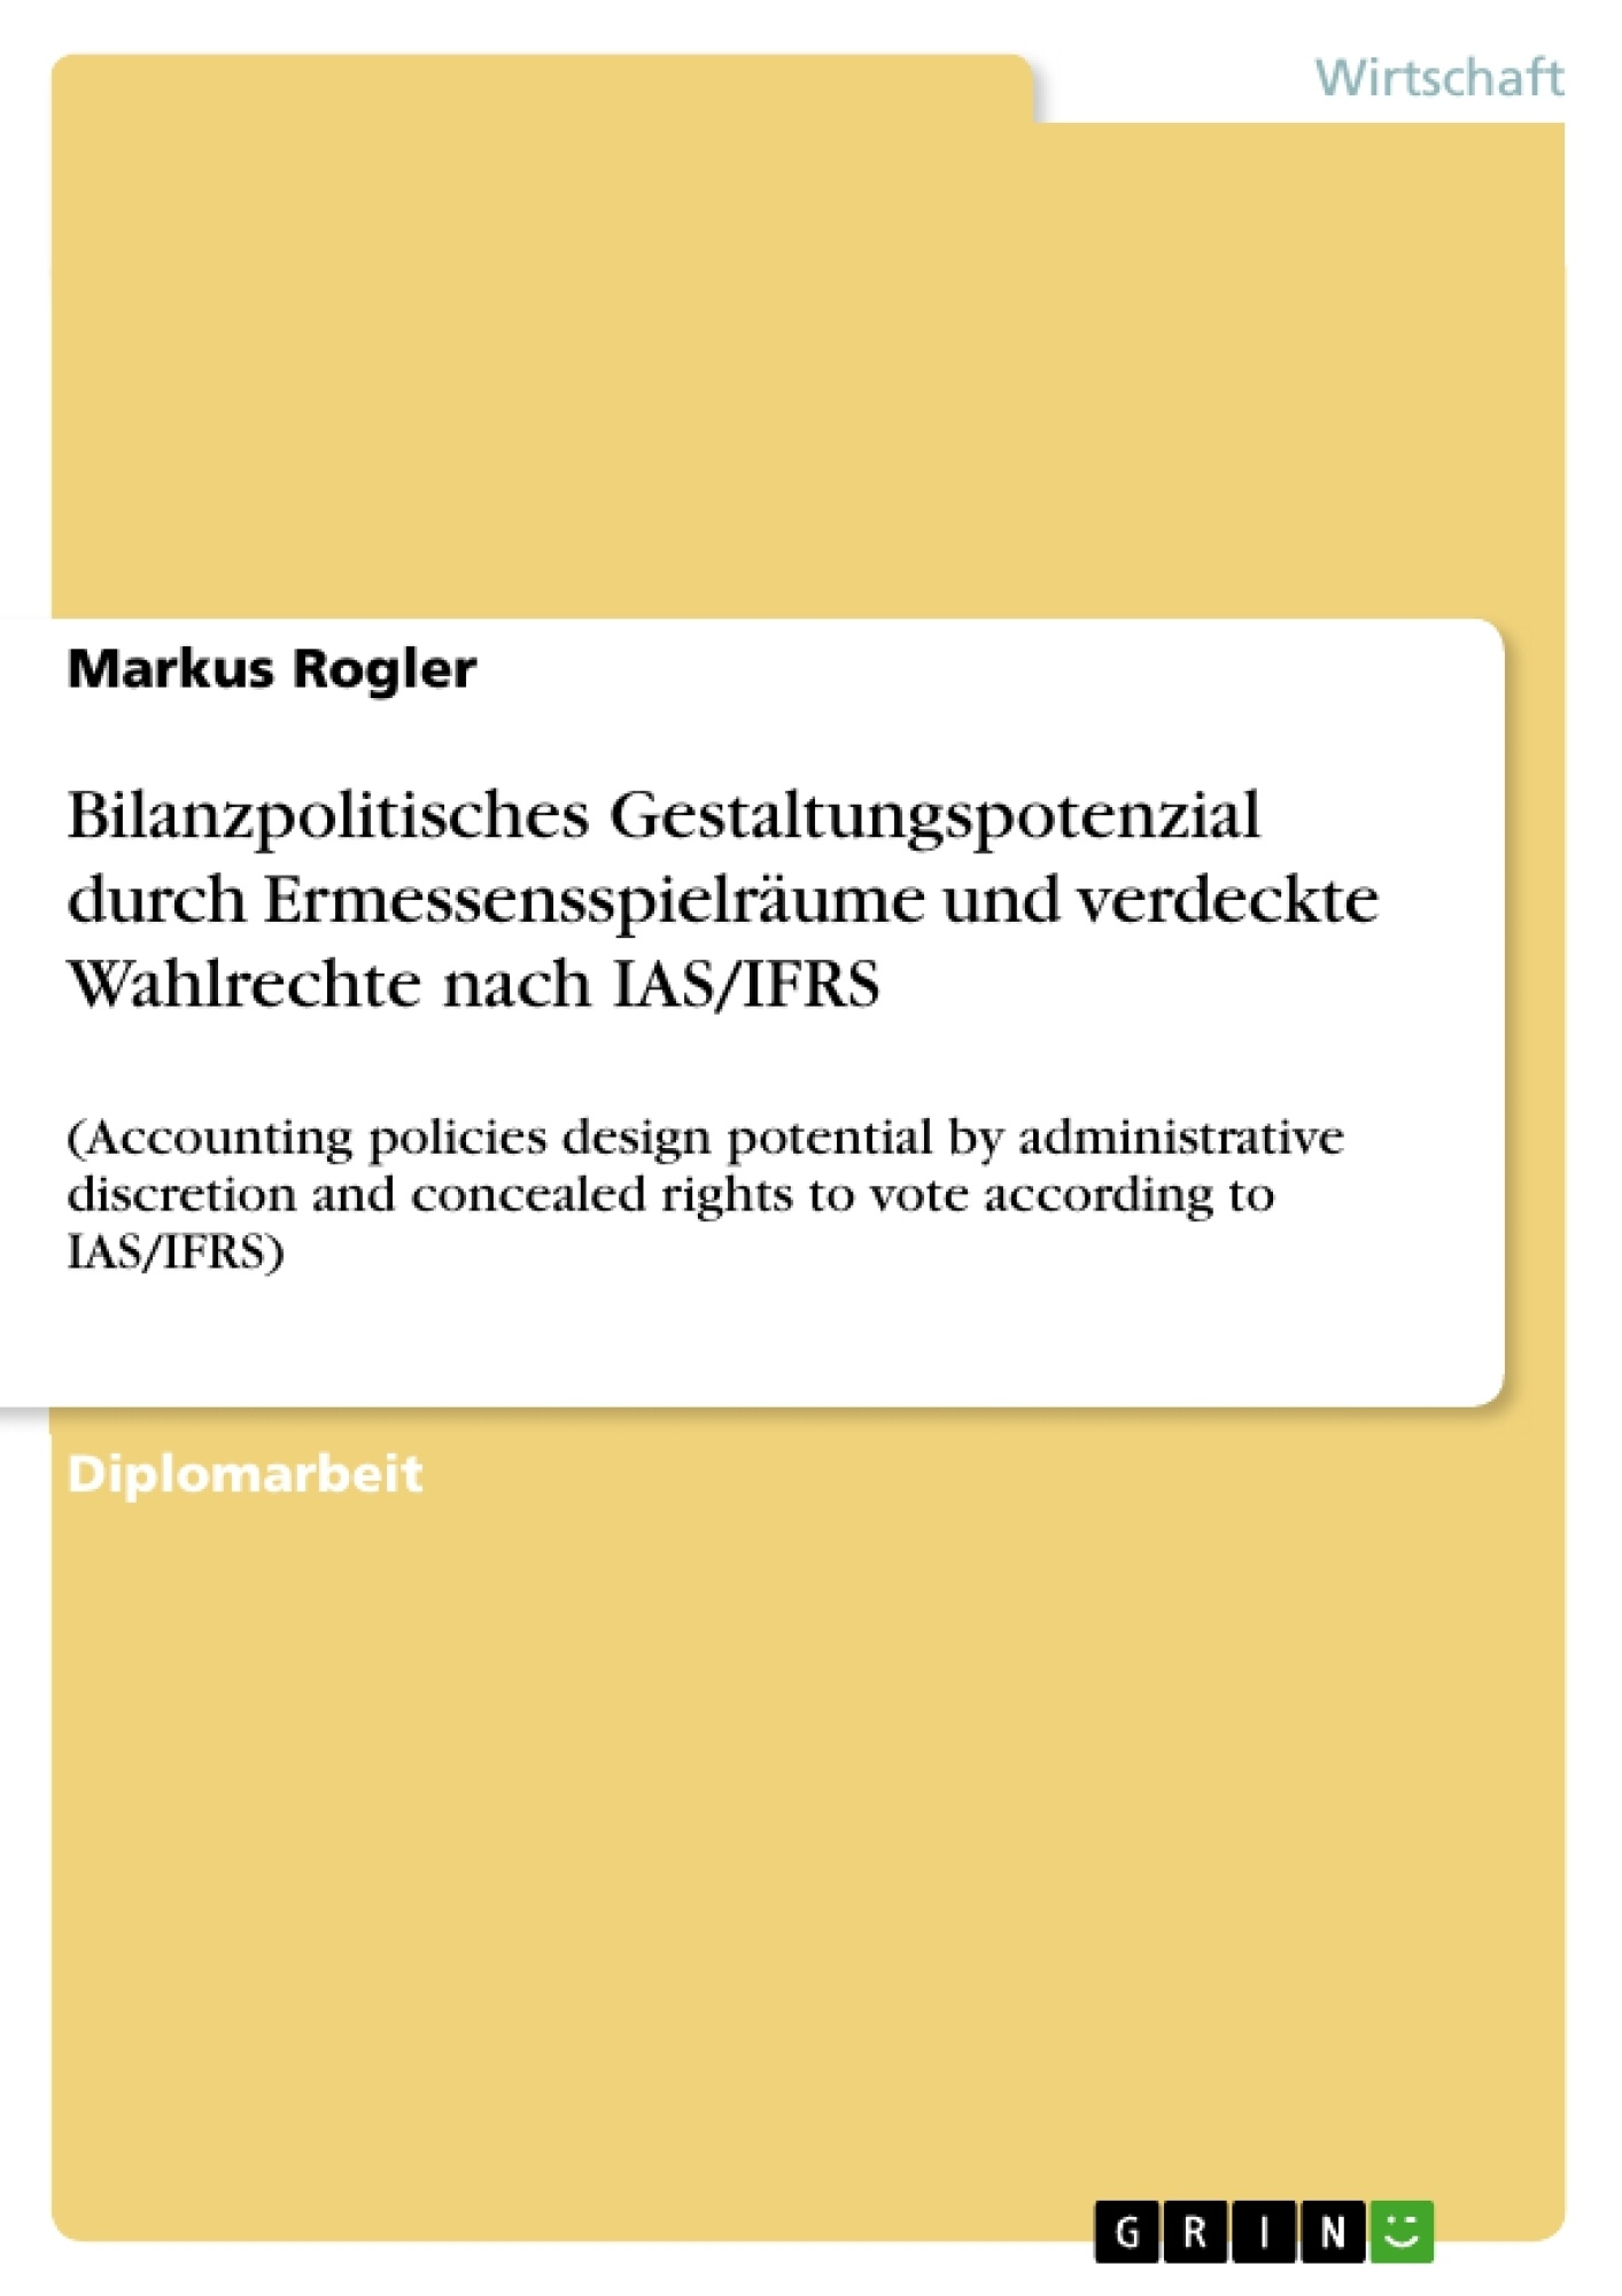 Titel: Bilanzpolitisches Gestaltungspotenzial durch Ermessensspielräume und verdeckte Wahlrechte nach IAS/IFRS